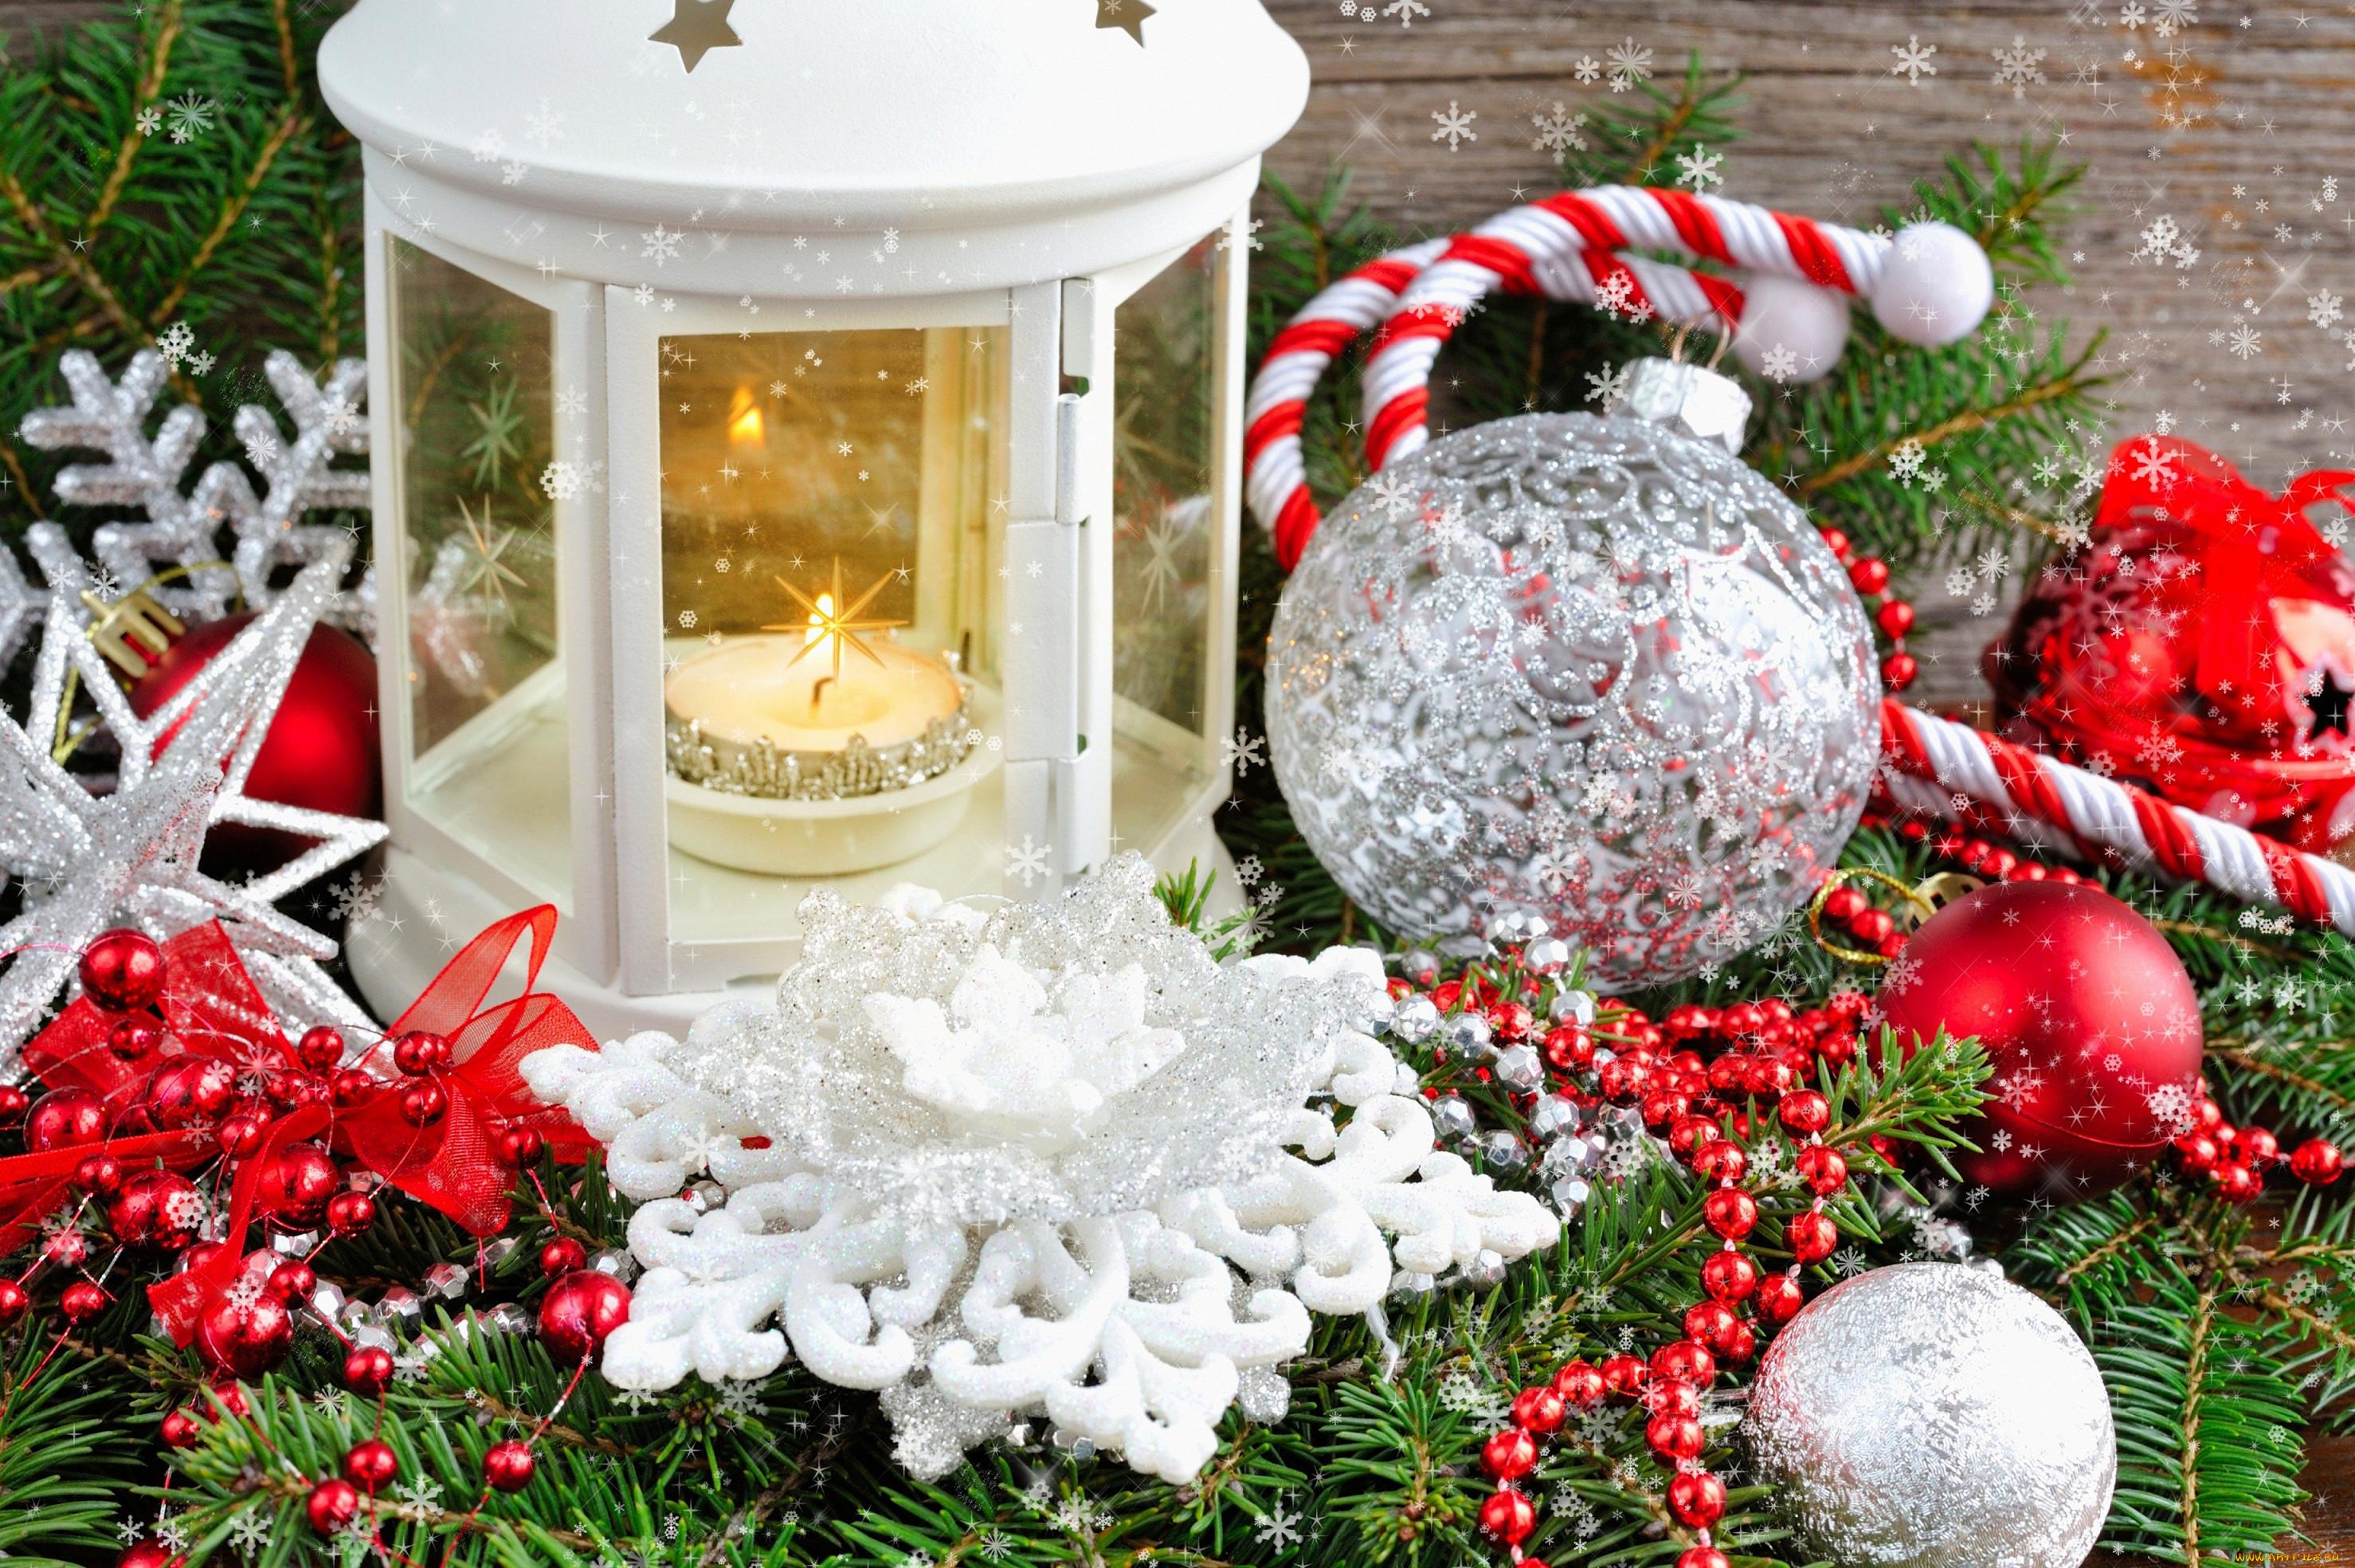 рождество новый год композиция фото именно приключений